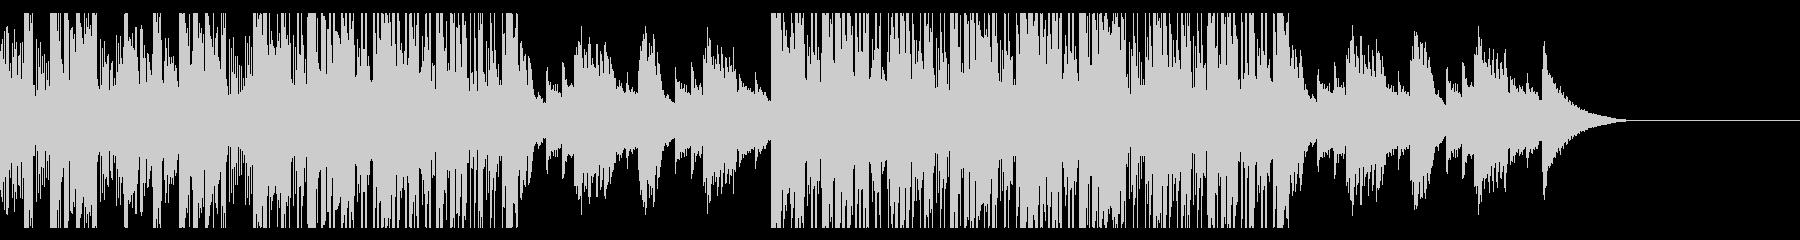 カフェの明るいジャズピアノの未再生の波形